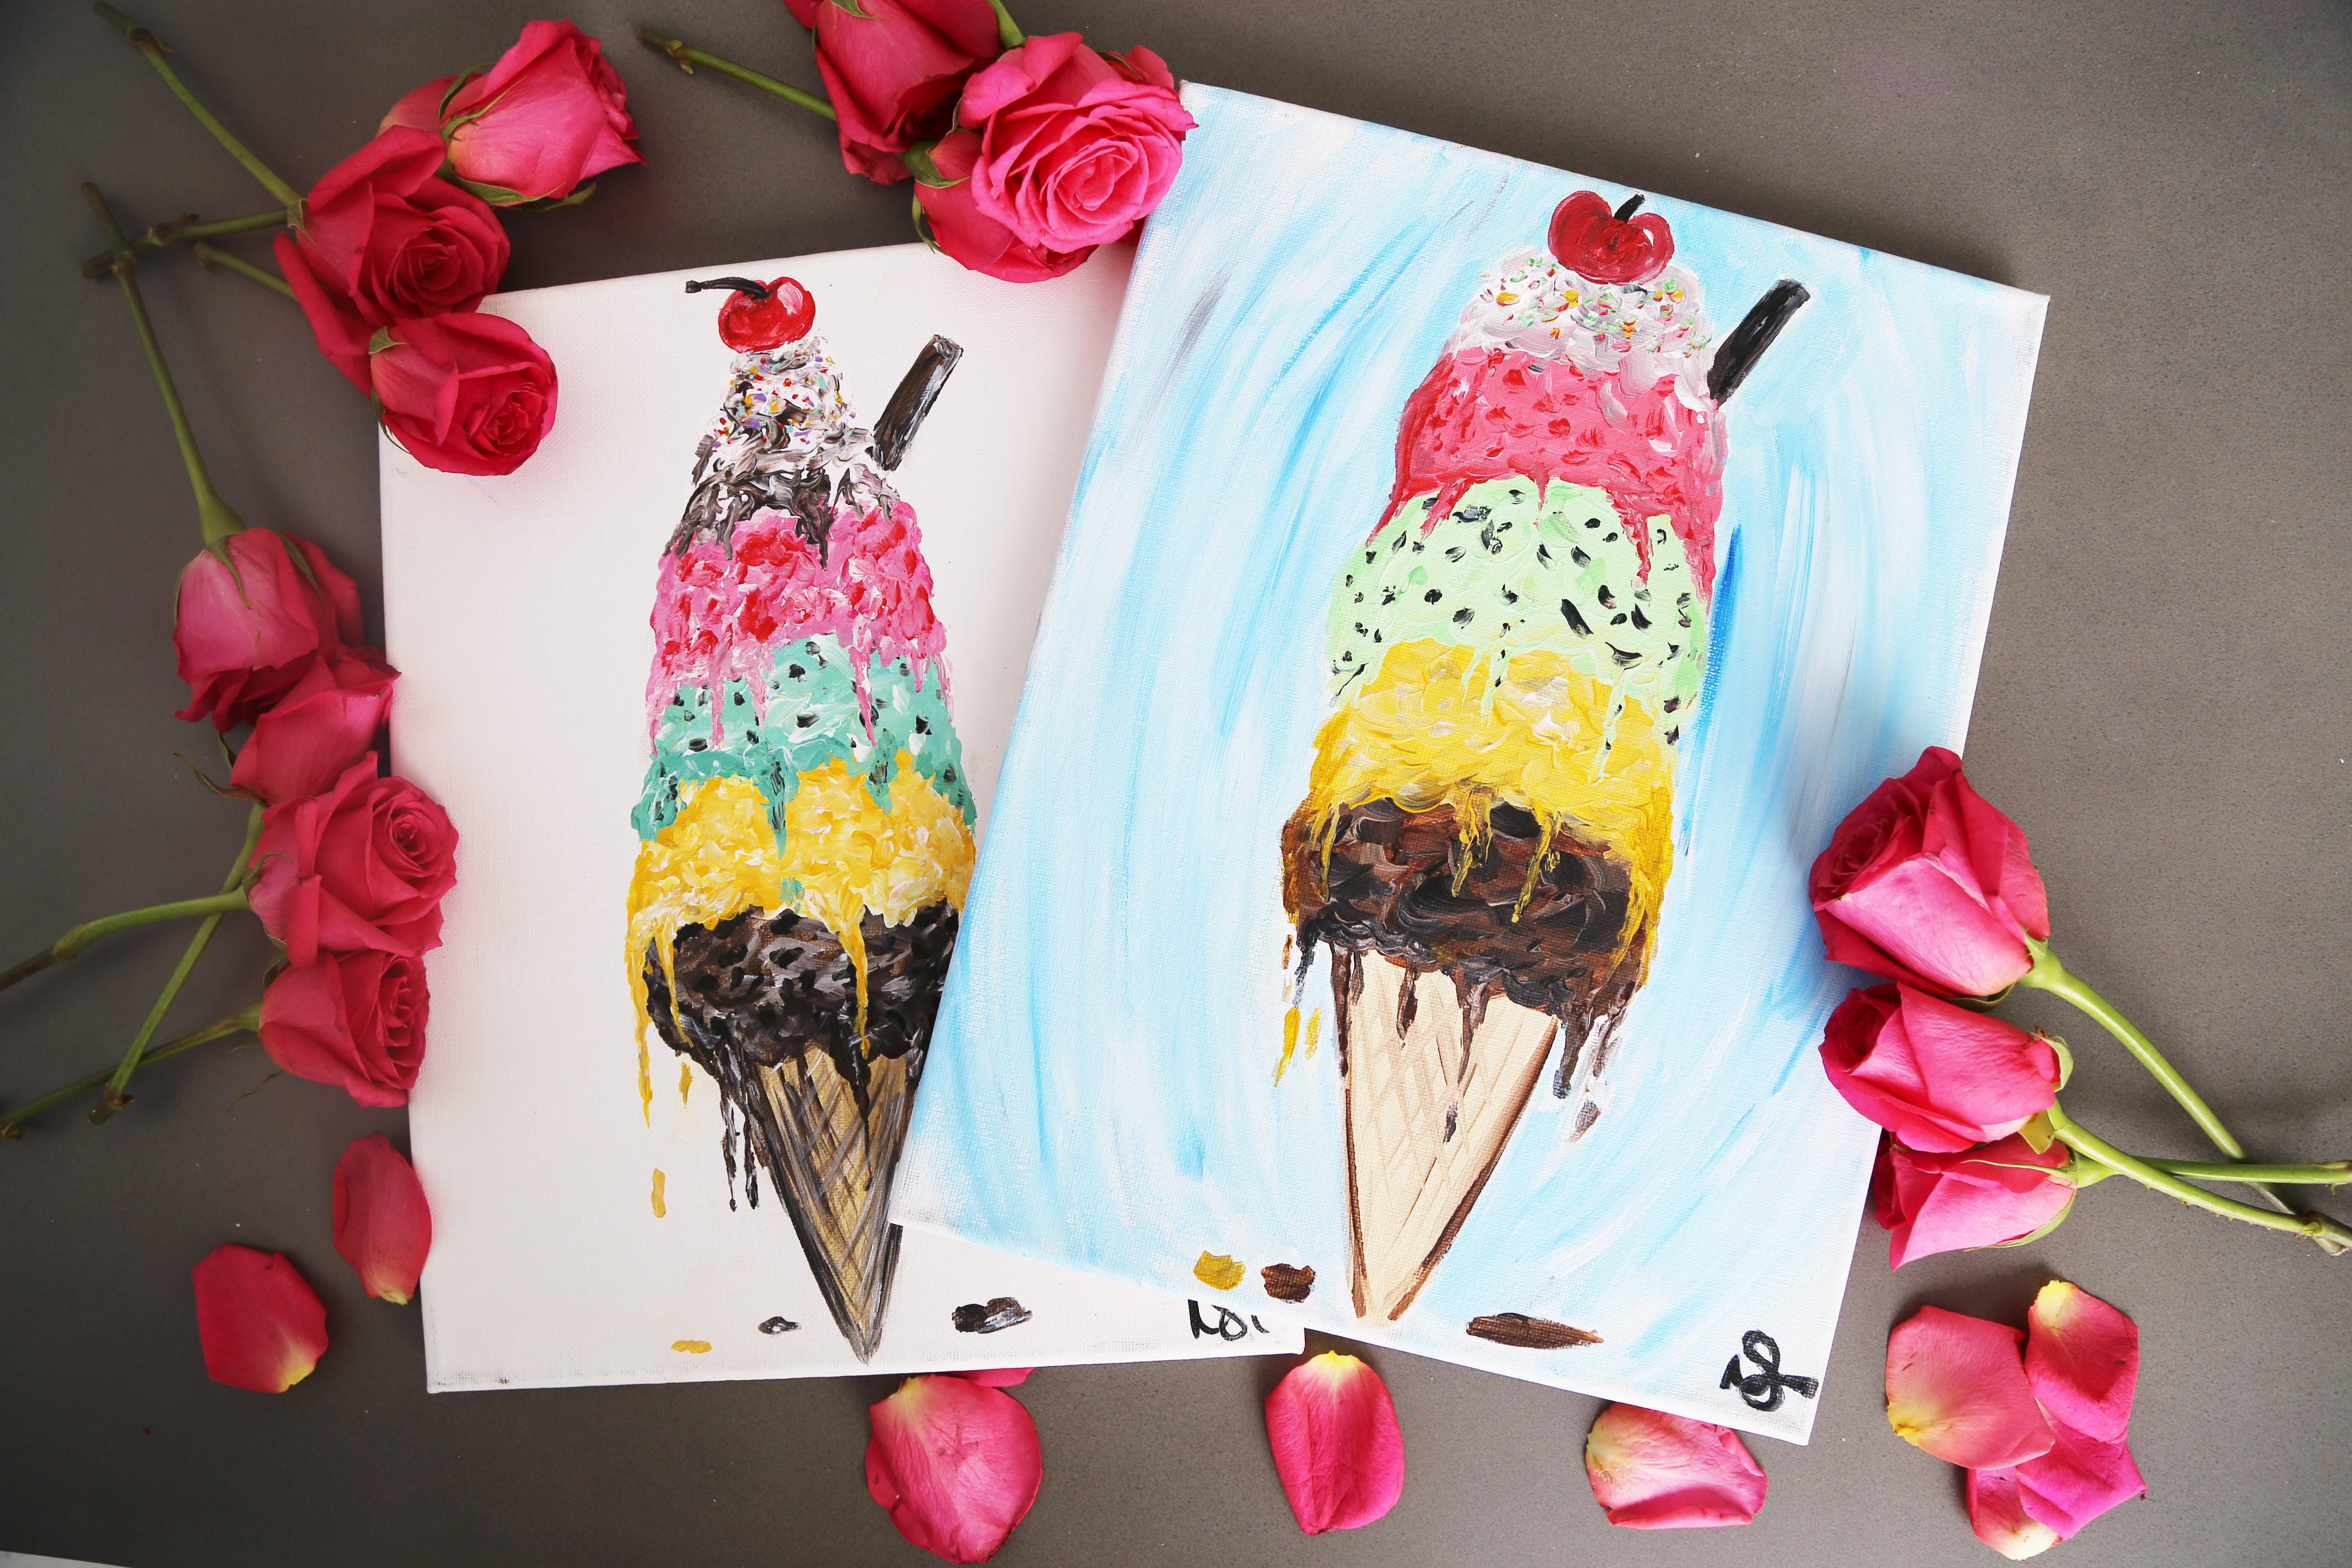 Triple Scoop Ice Cream